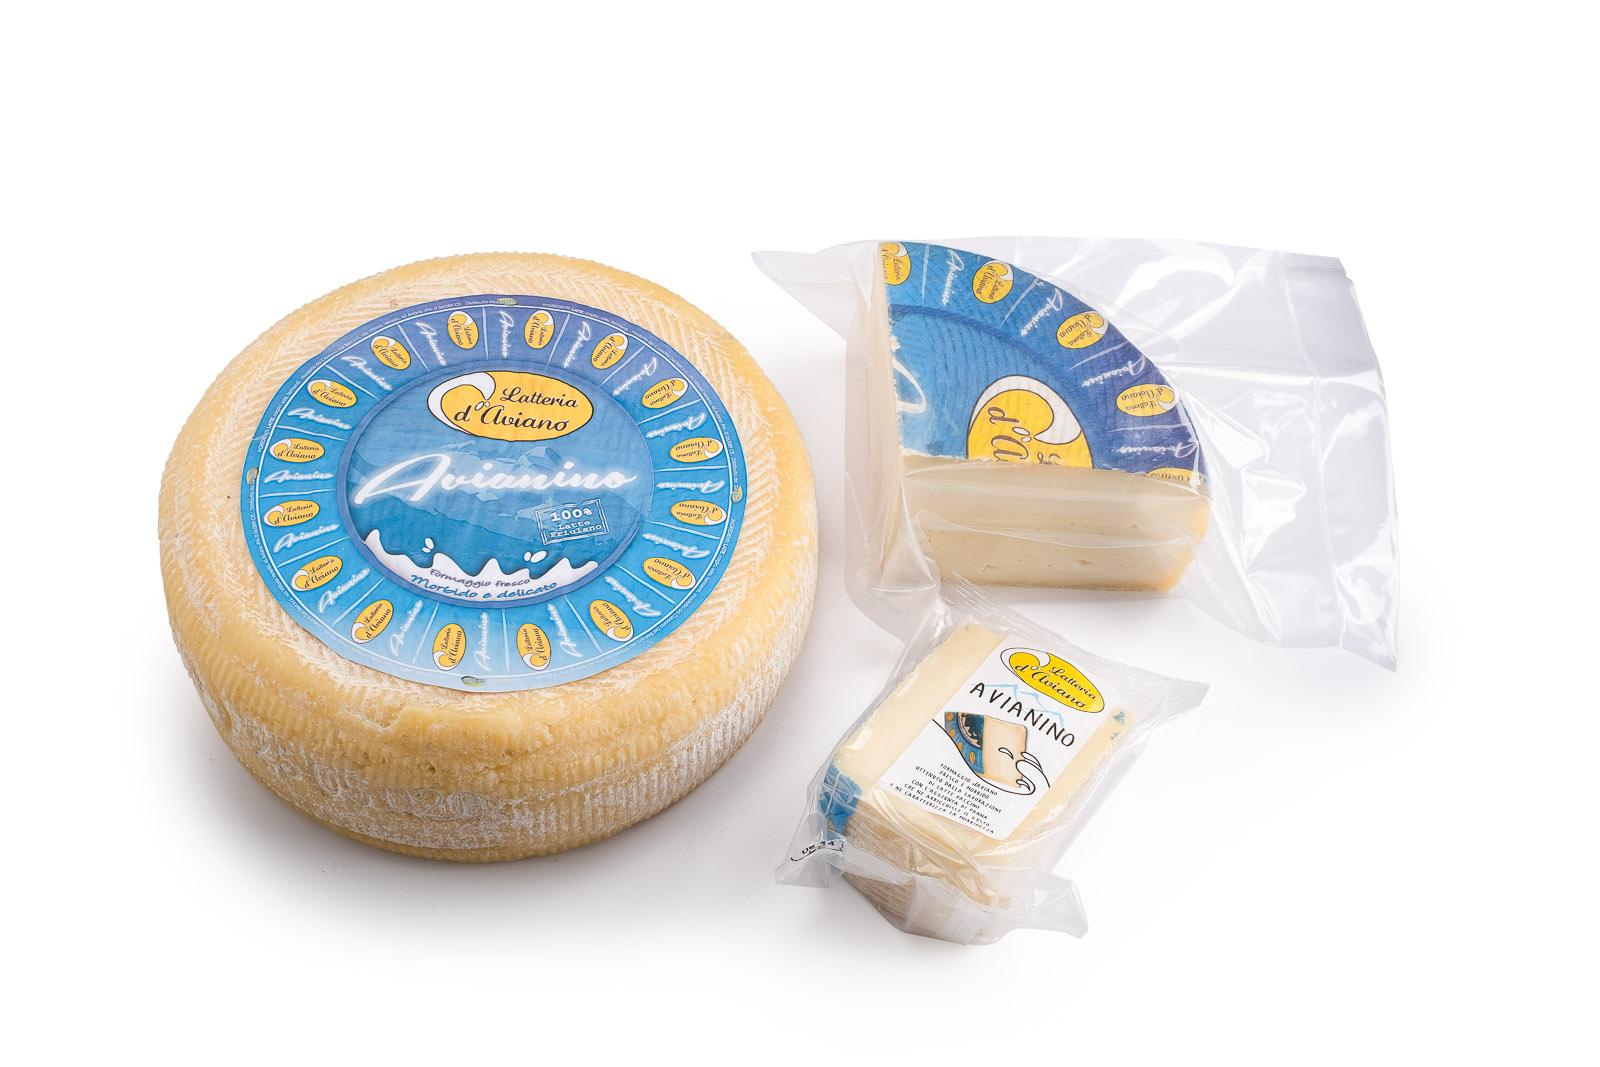 Formaggio Avianino - Del Ben formaggi